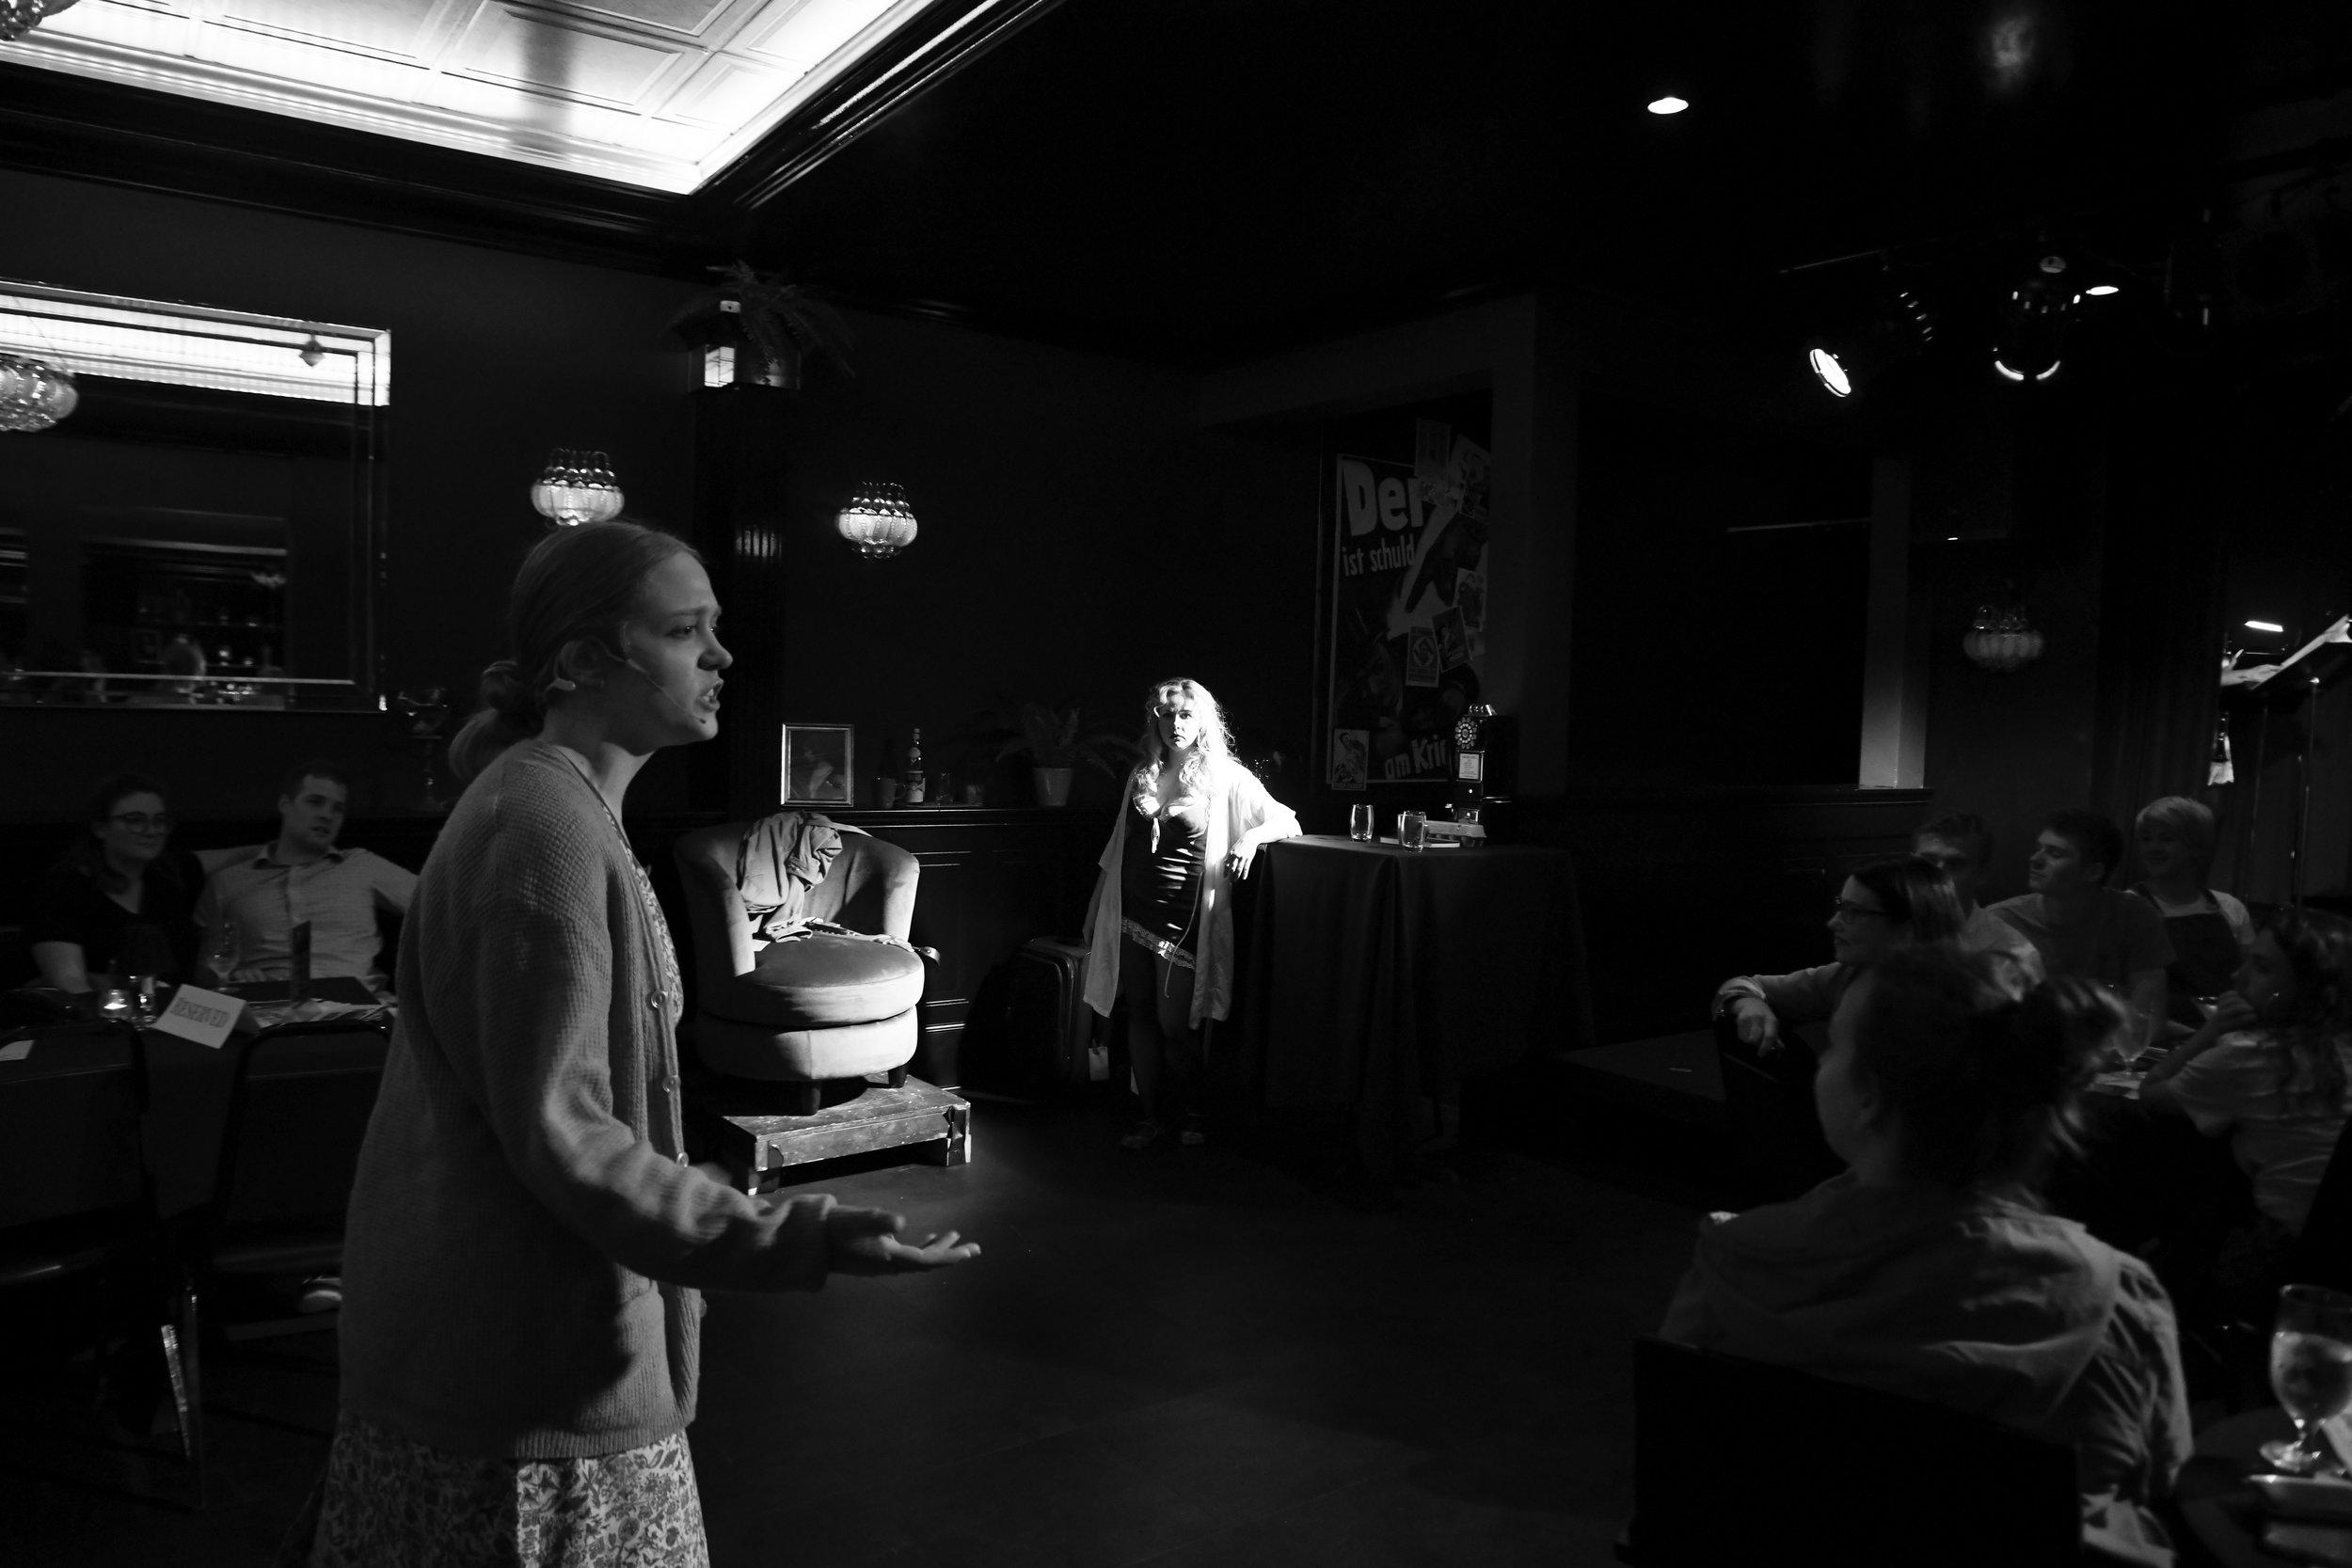 Fraulein Schneider fights with Fraulein Kost (Bettina Schwabe).  Cabaret  at Madame Jenny's, July 2019 (photo by Liza Gillette).